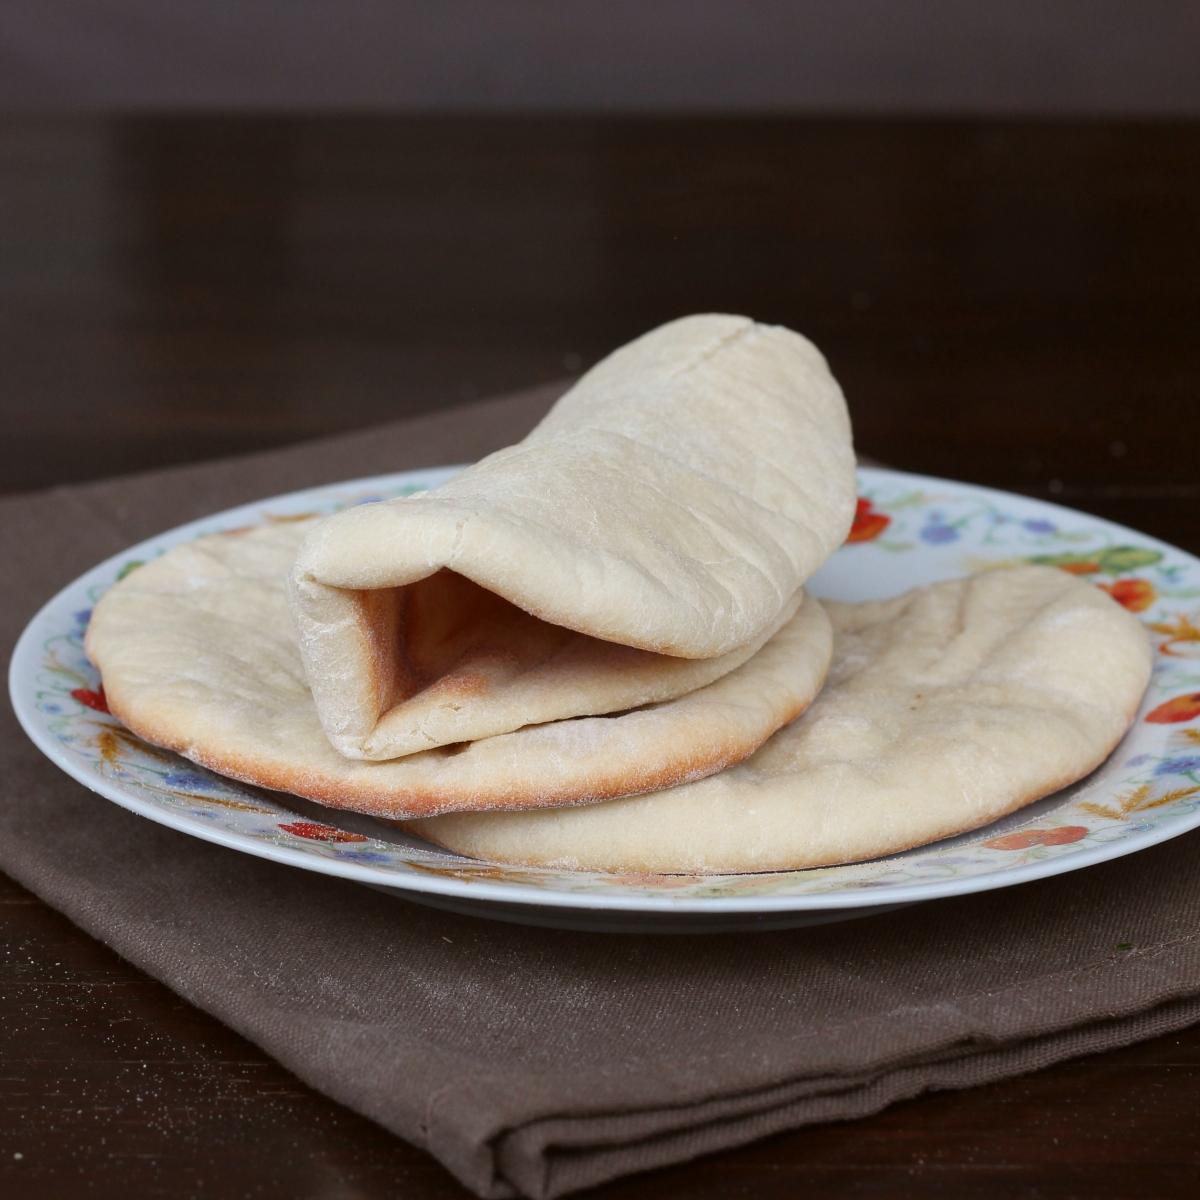 PANE PITA ricetta originale pita greca tradizionale | al forno o in padella